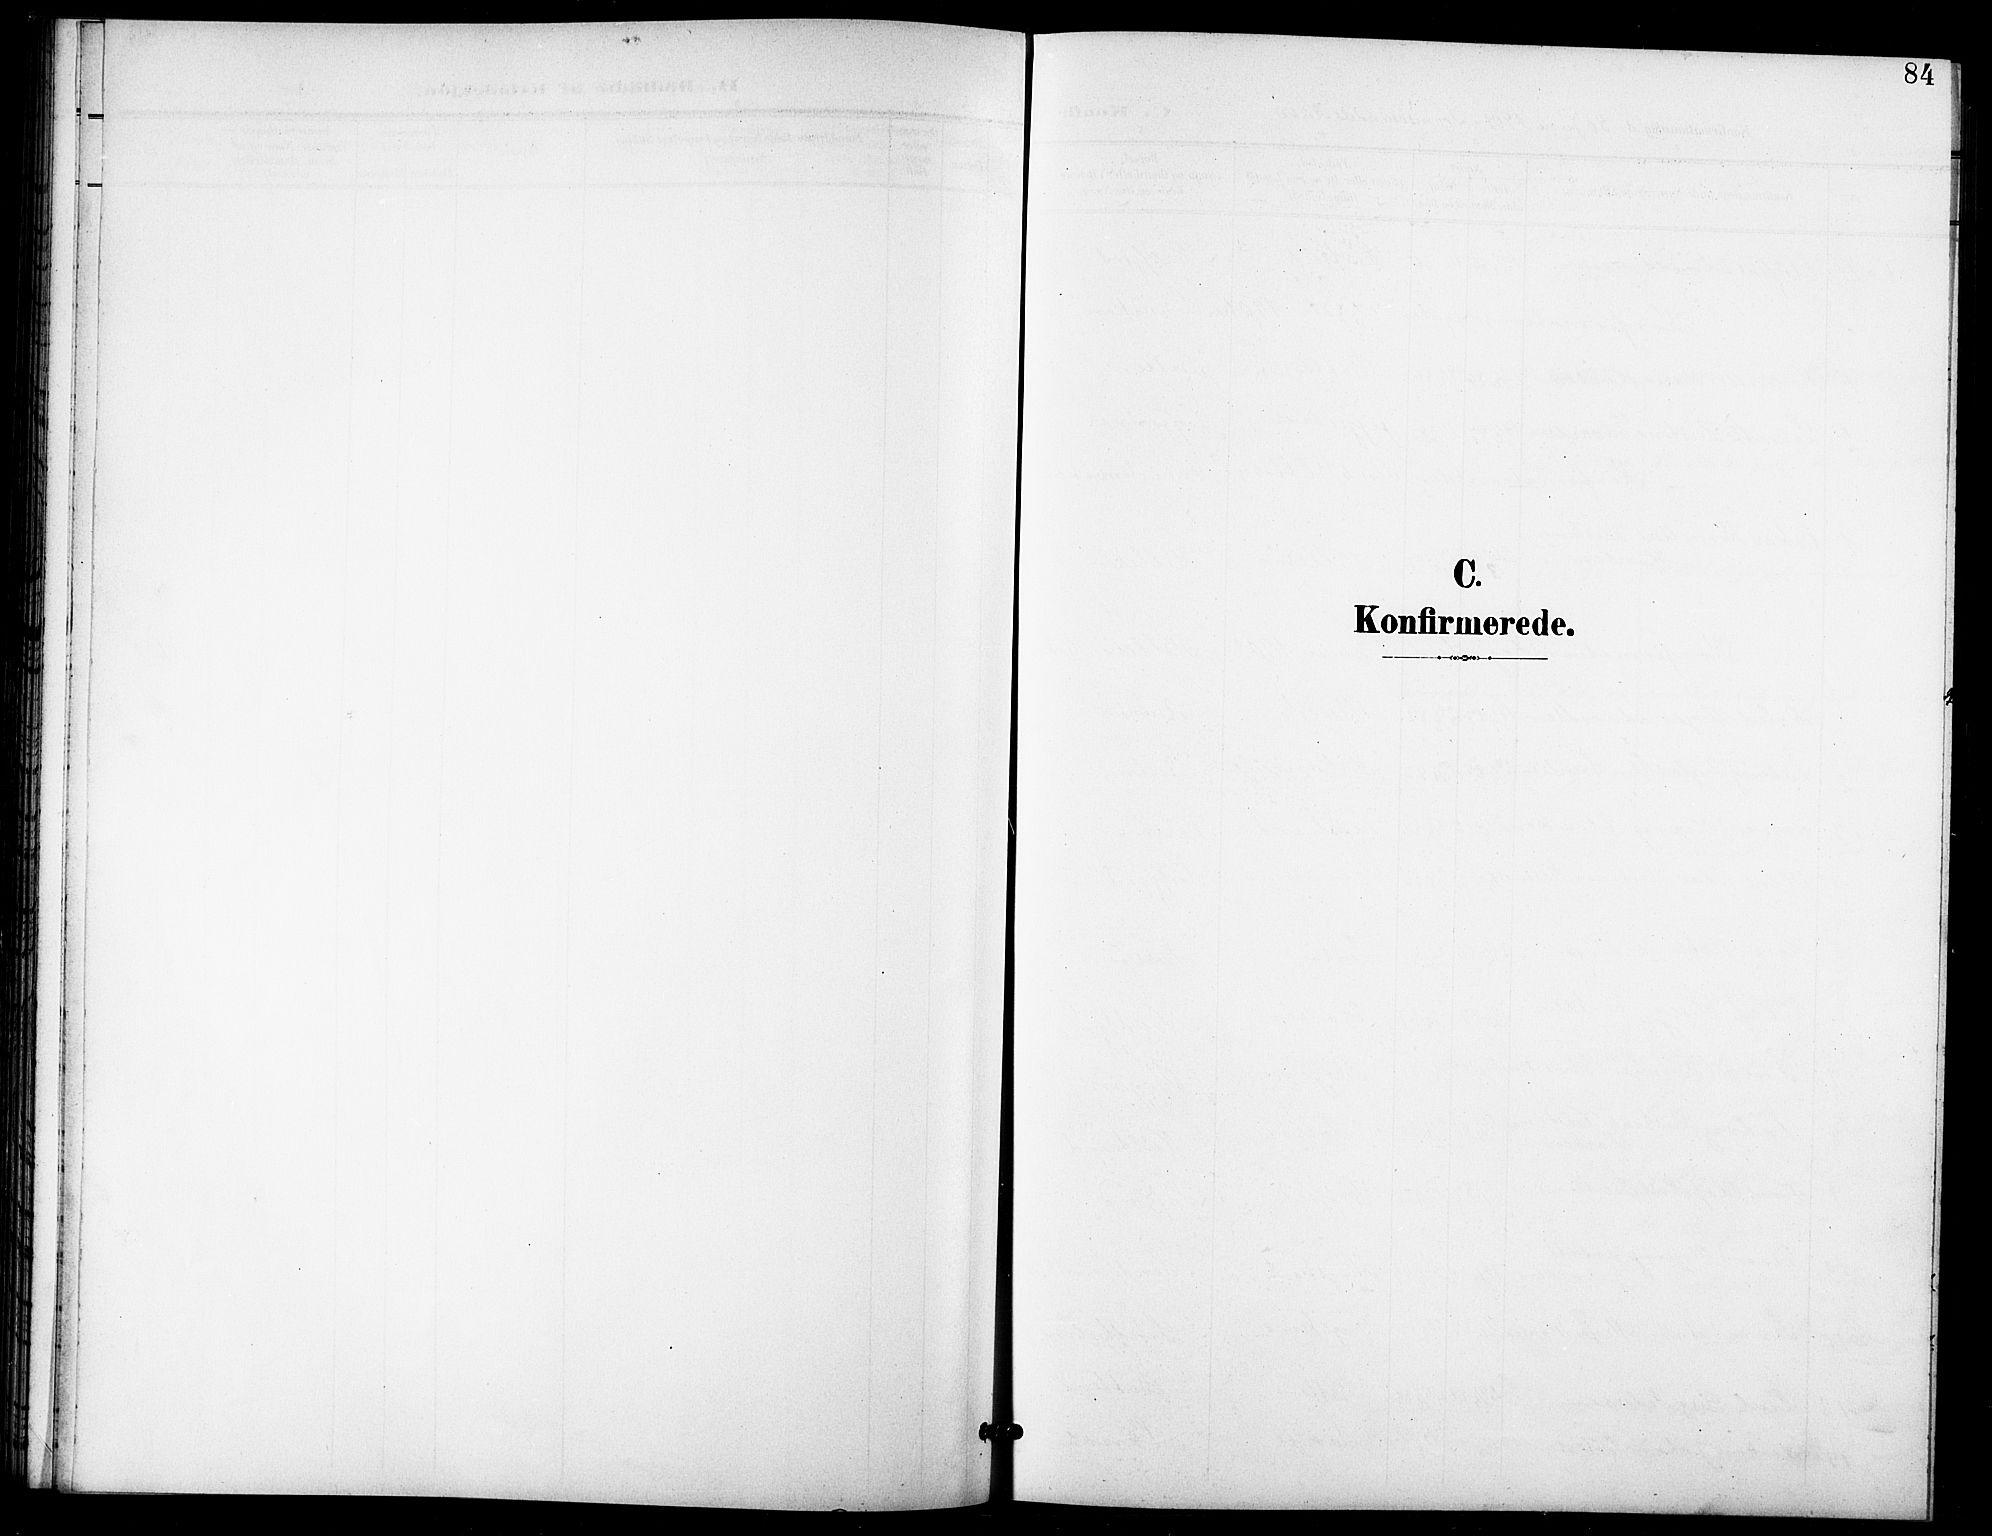 SATØ, Lenvik sokneprestembete, H/Ha: Klokkerbok nr. 22, 1901-1918, s. 84